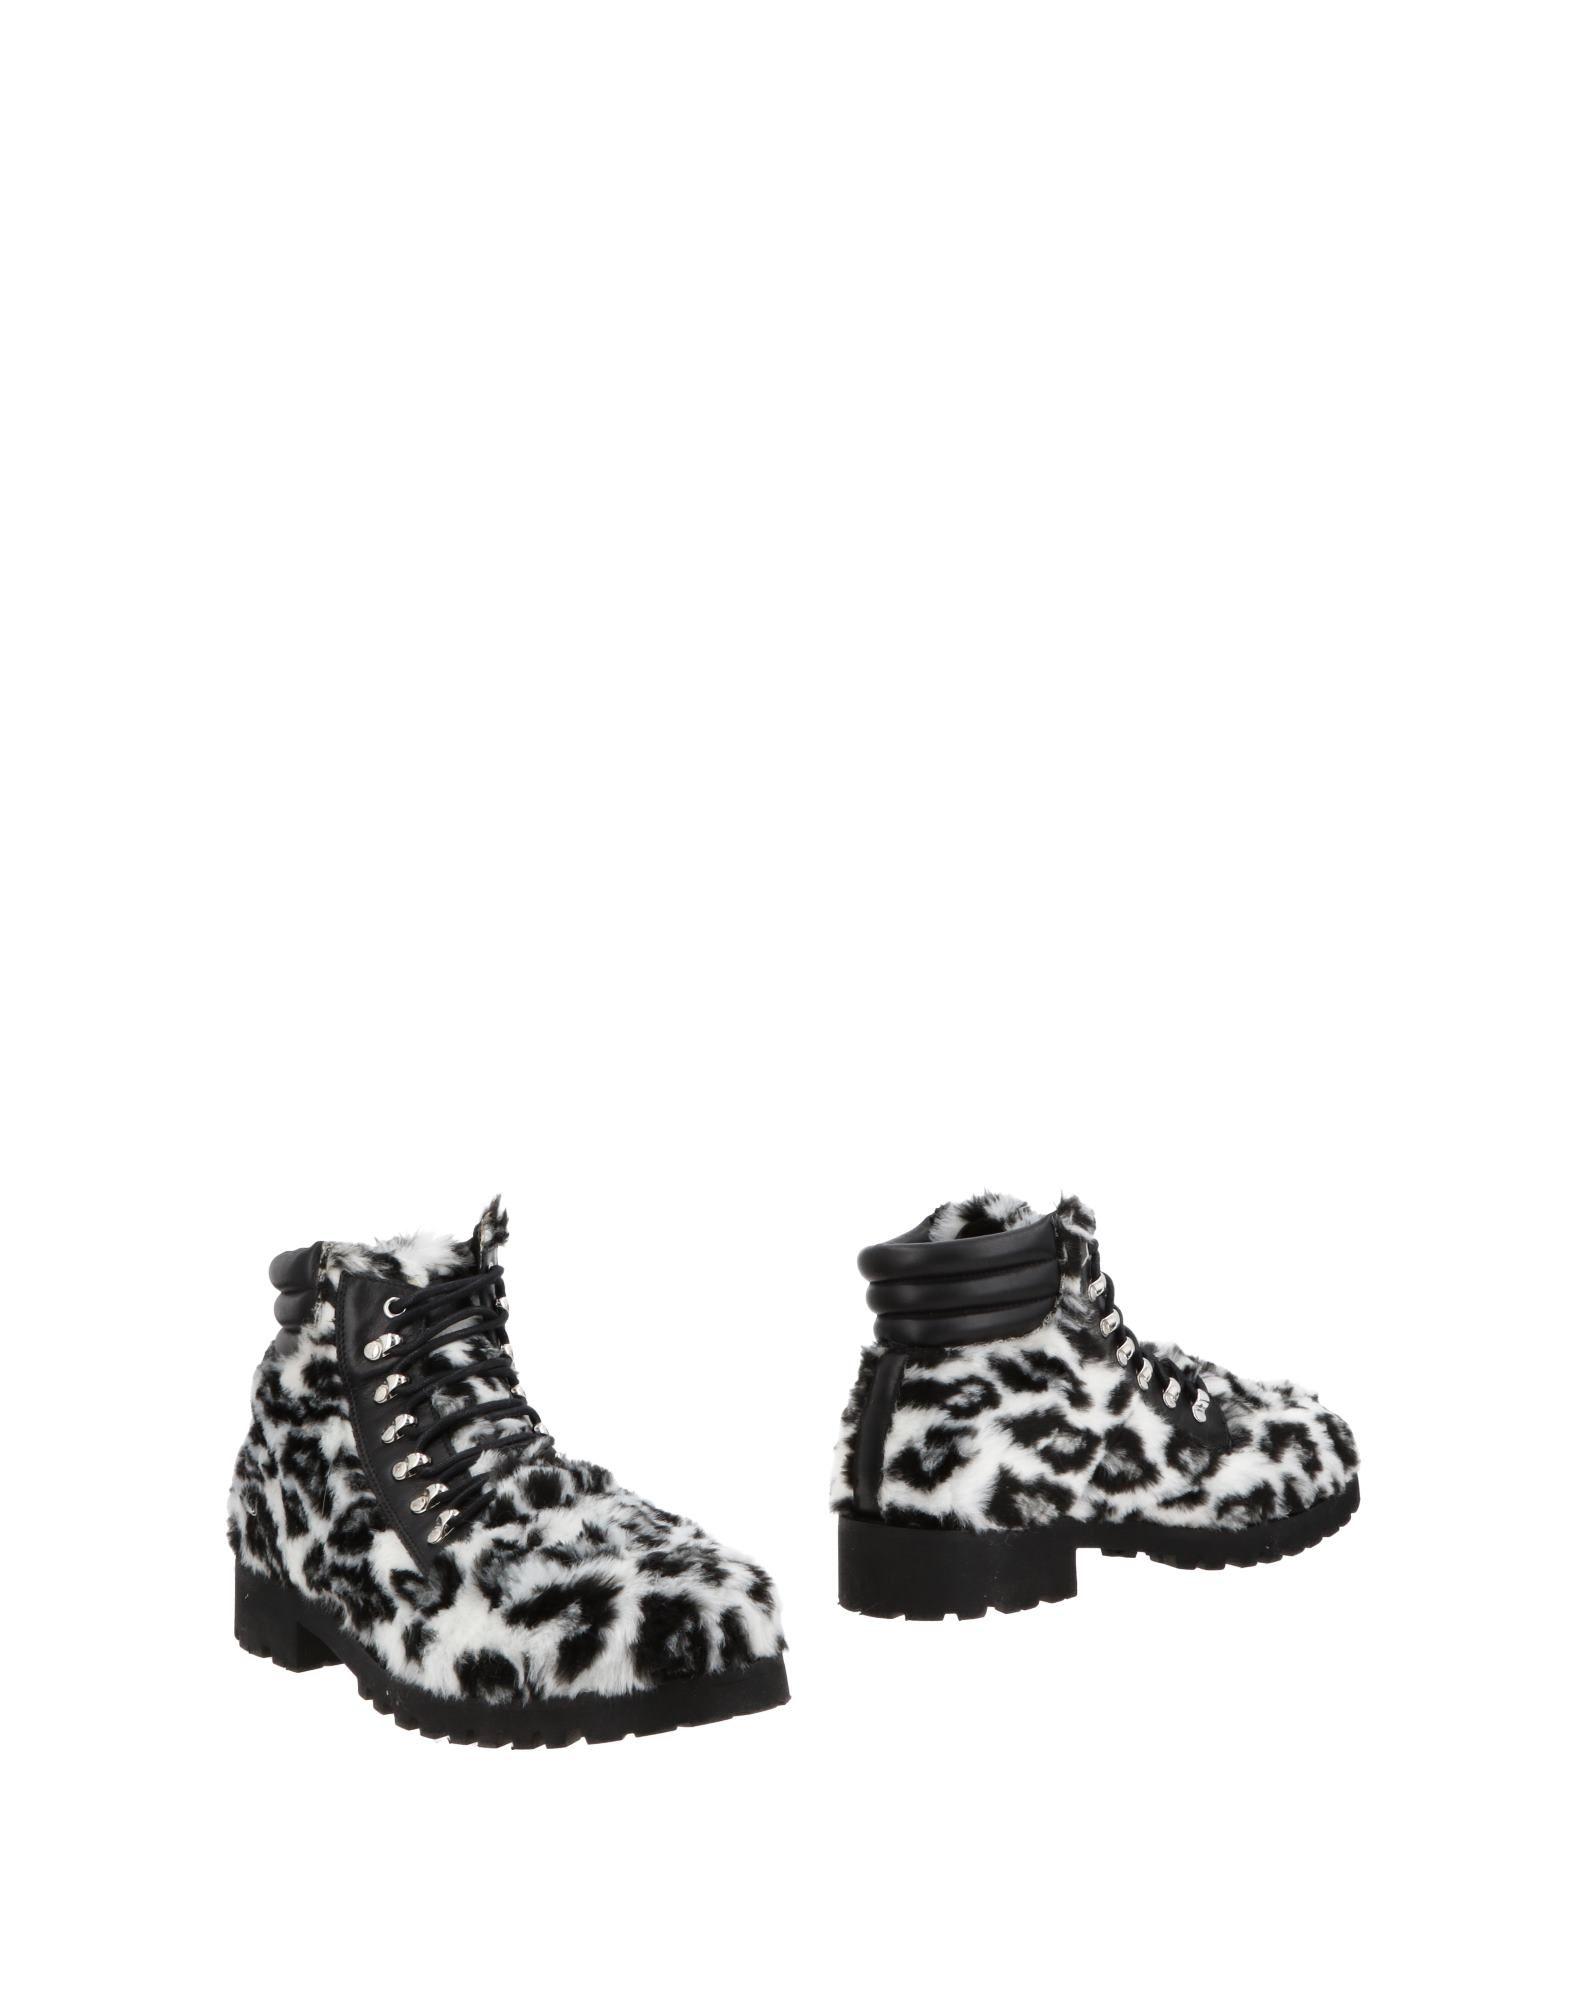 Moschino Stiefelette Gute Herren  11492651RQ Gute Stiefelette Qualität beliebte Schuhe 1e3540